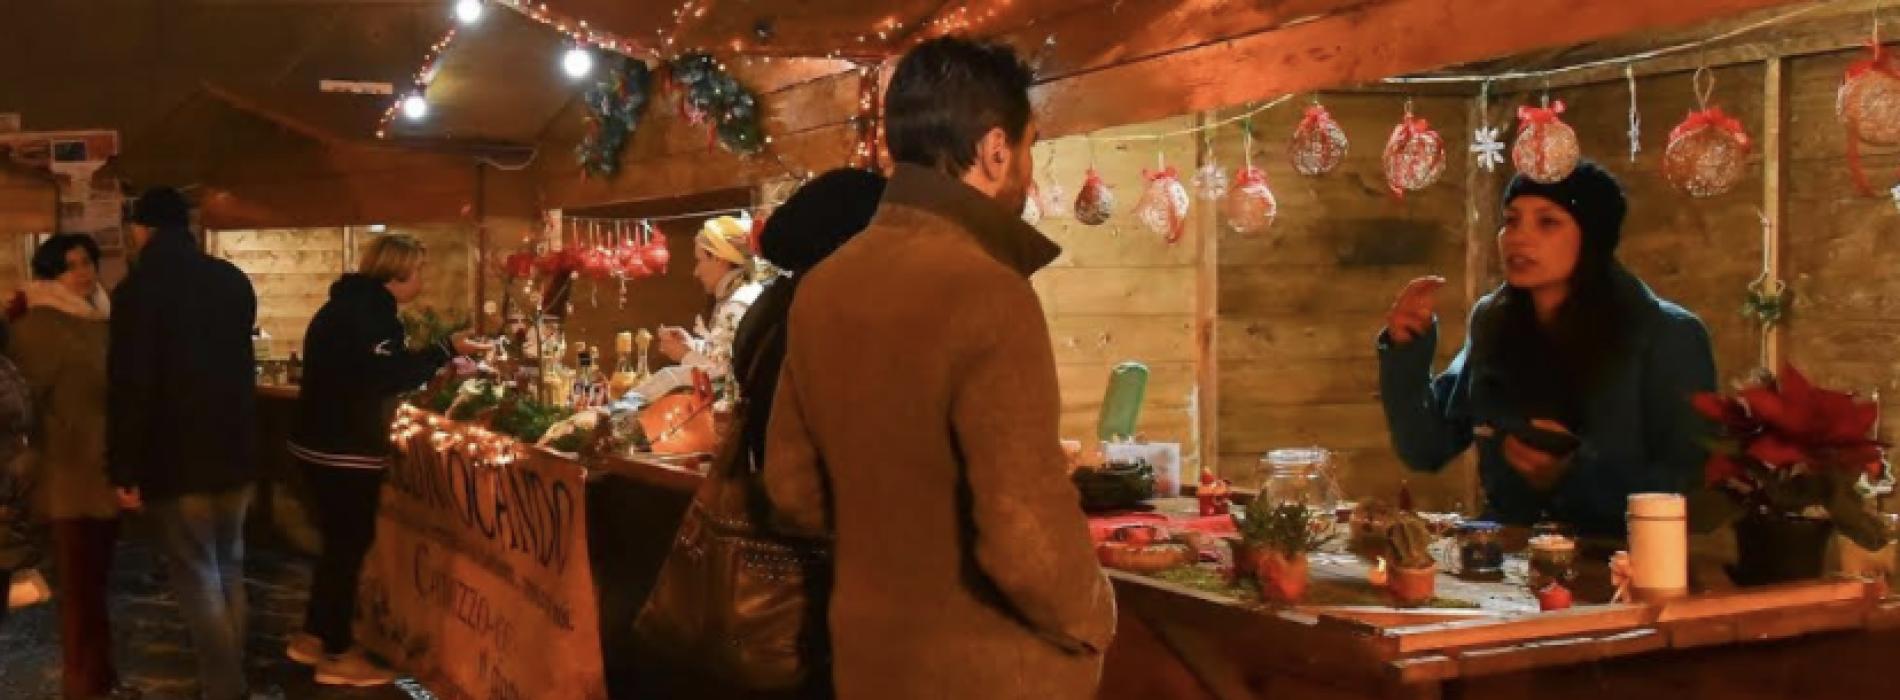 Ecco i mercatini di Natale a Caiazzo